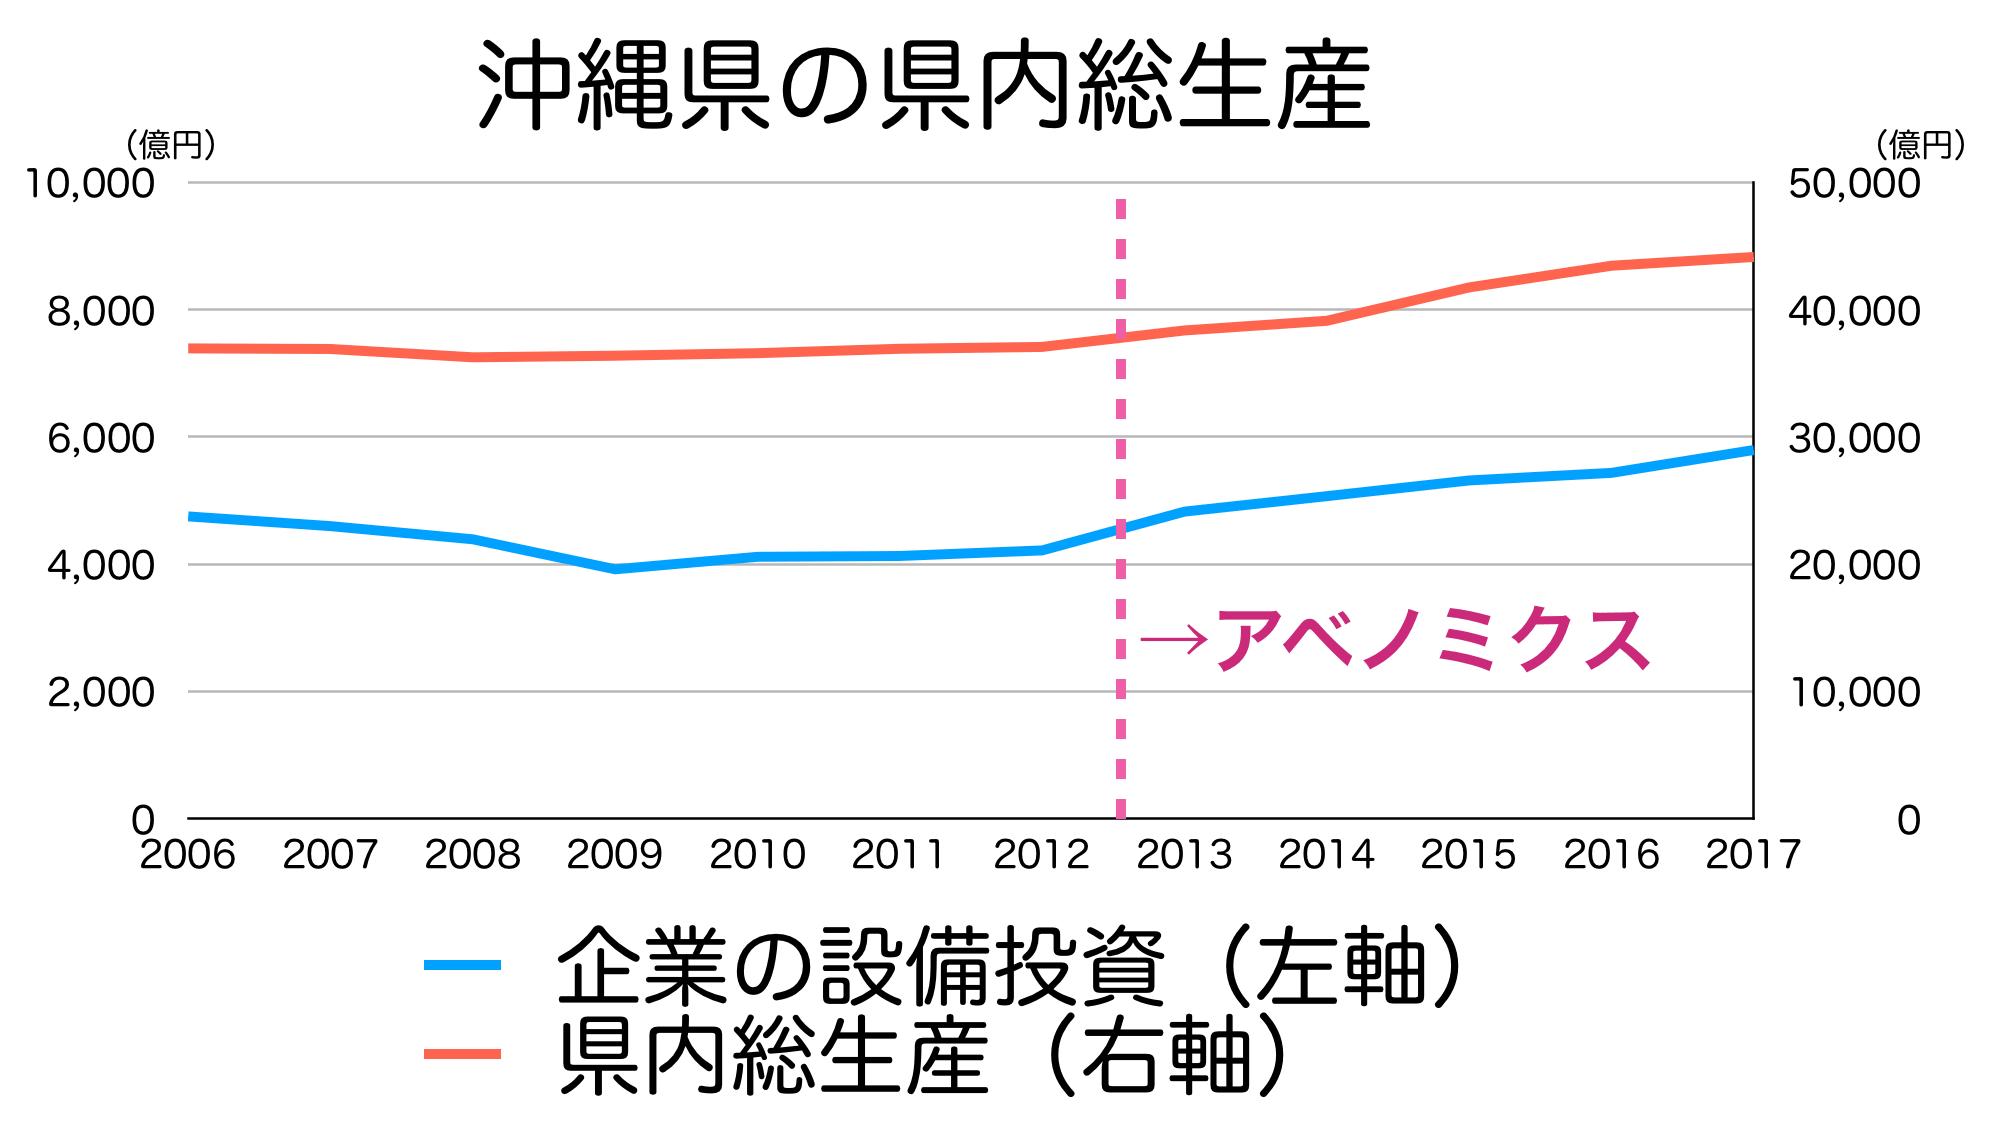 沖縄県のGDP